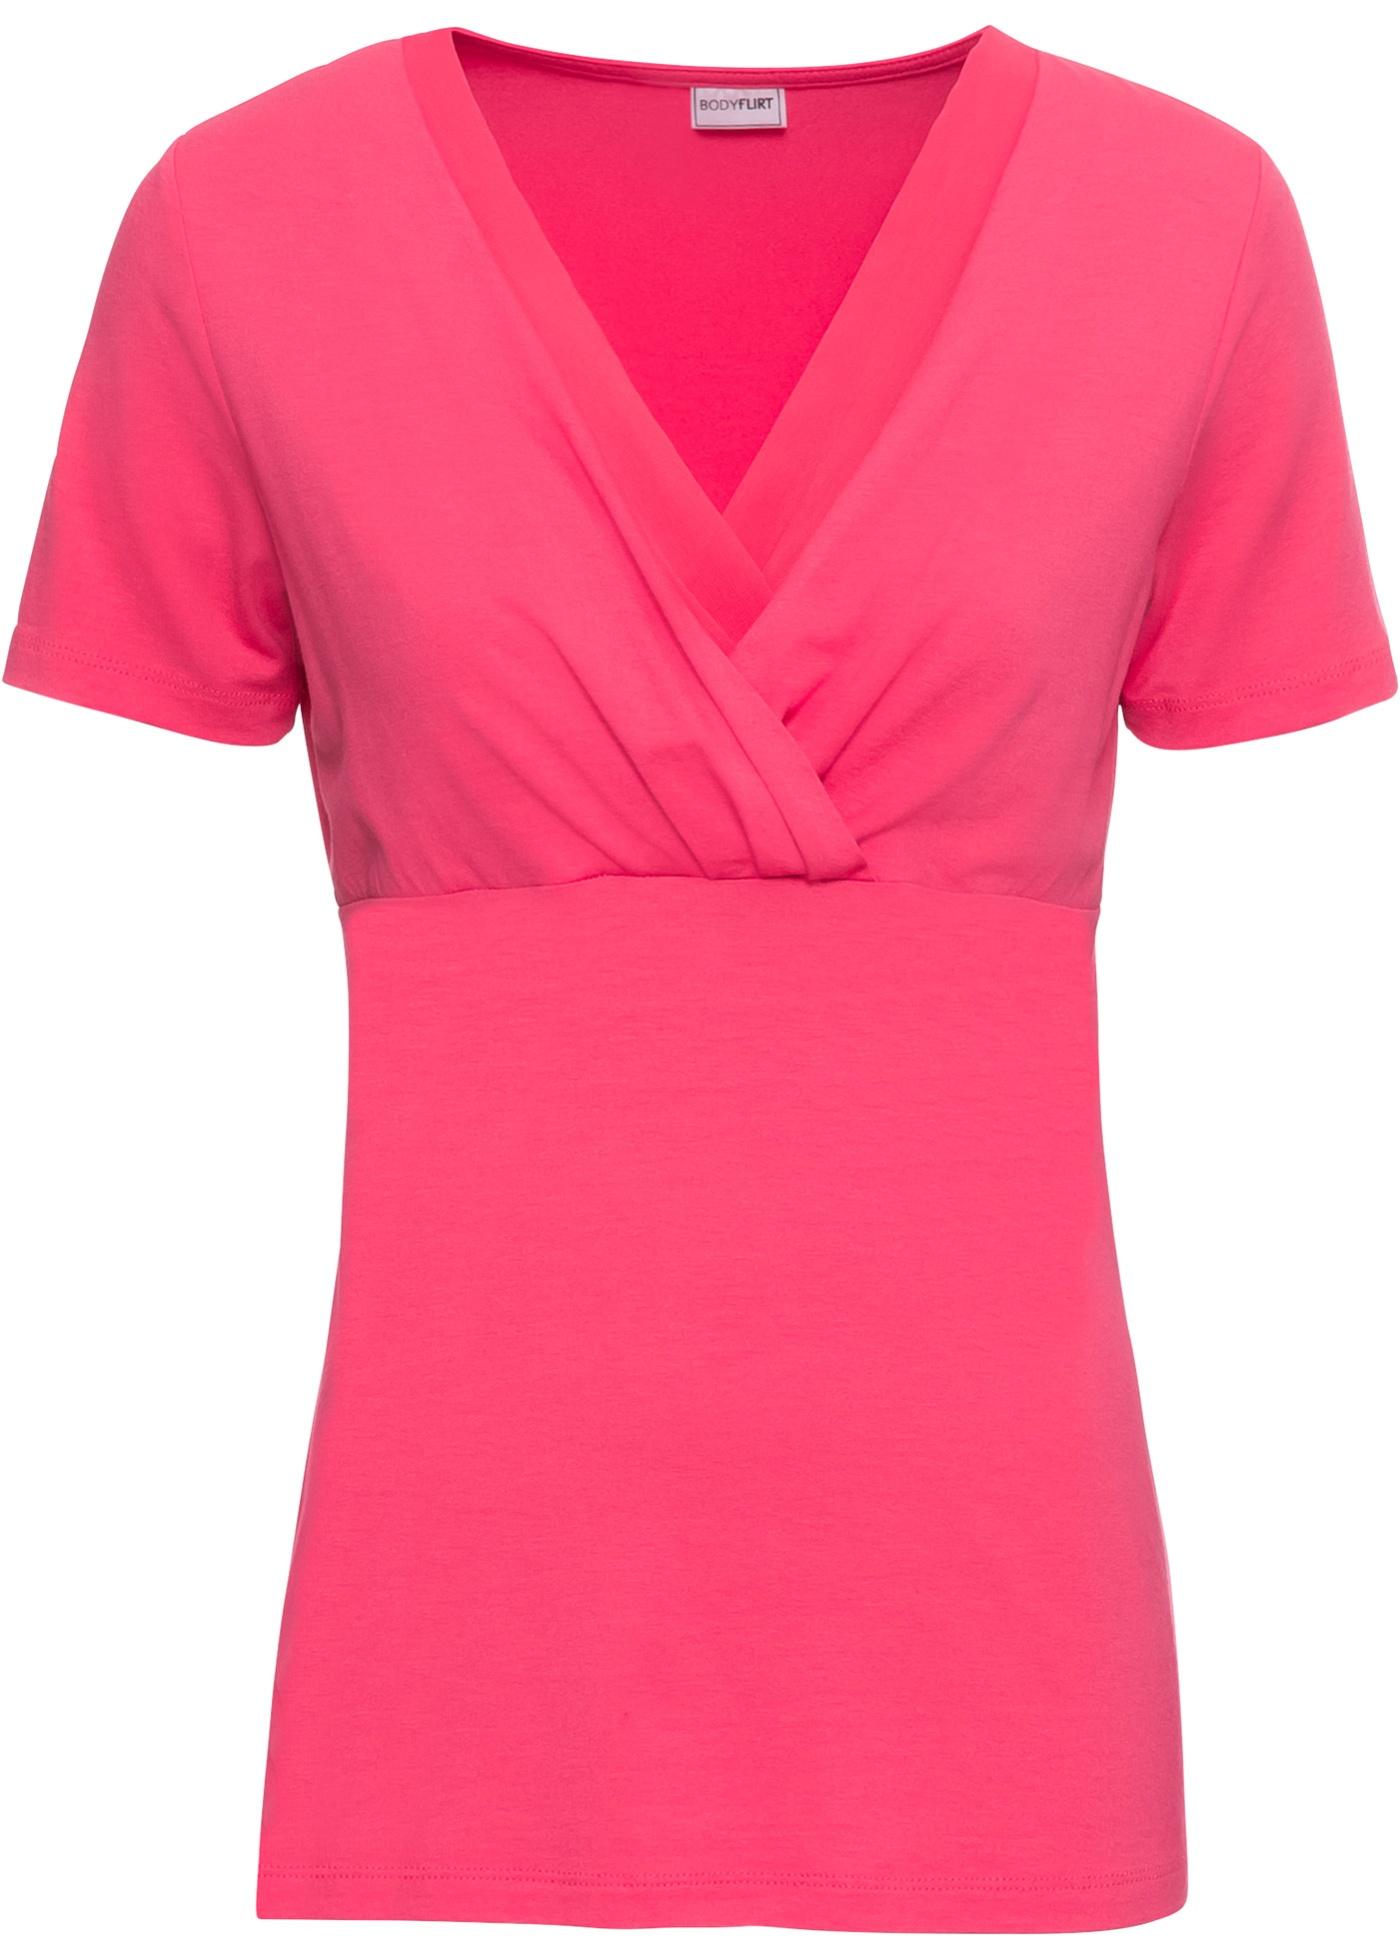 En Courtes Pour À Femme Empiècement Chiffon Bodyflirt Fuchsia BonprixT shirt Jersey Manches WIDH29EY